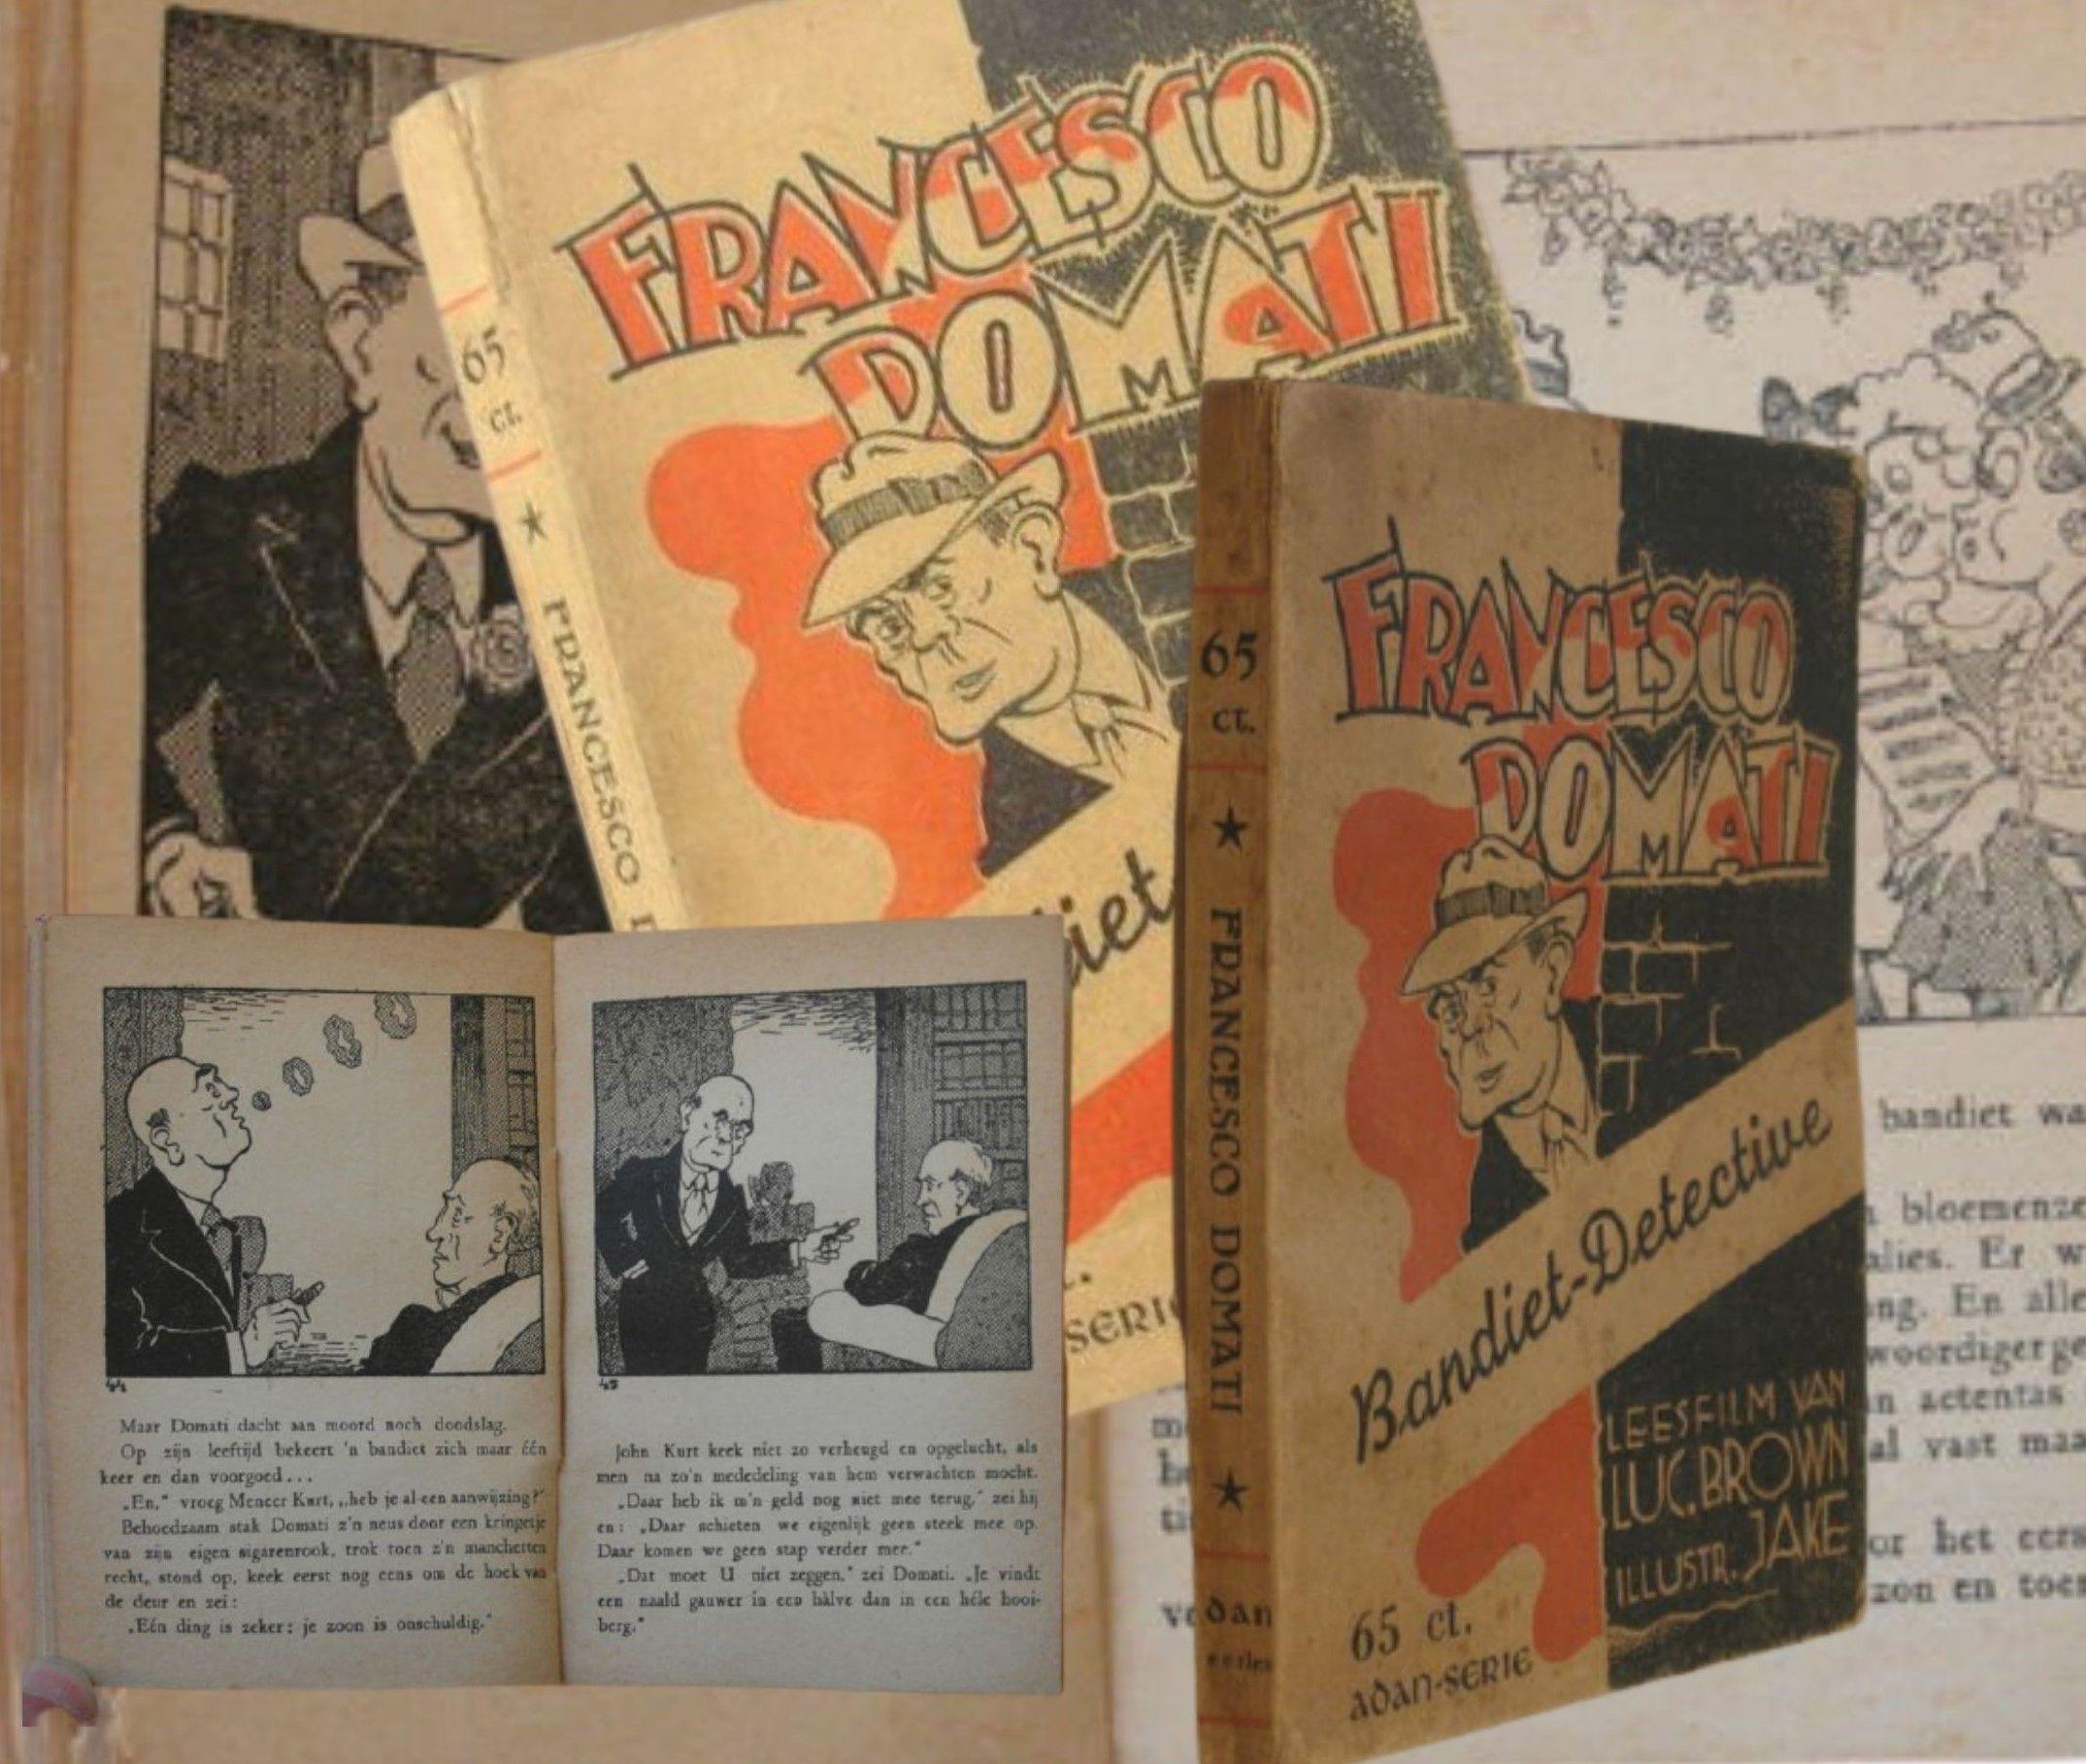 Quesito per gli appassionati di gialli e polizieschi: chi era Francesco Domati?